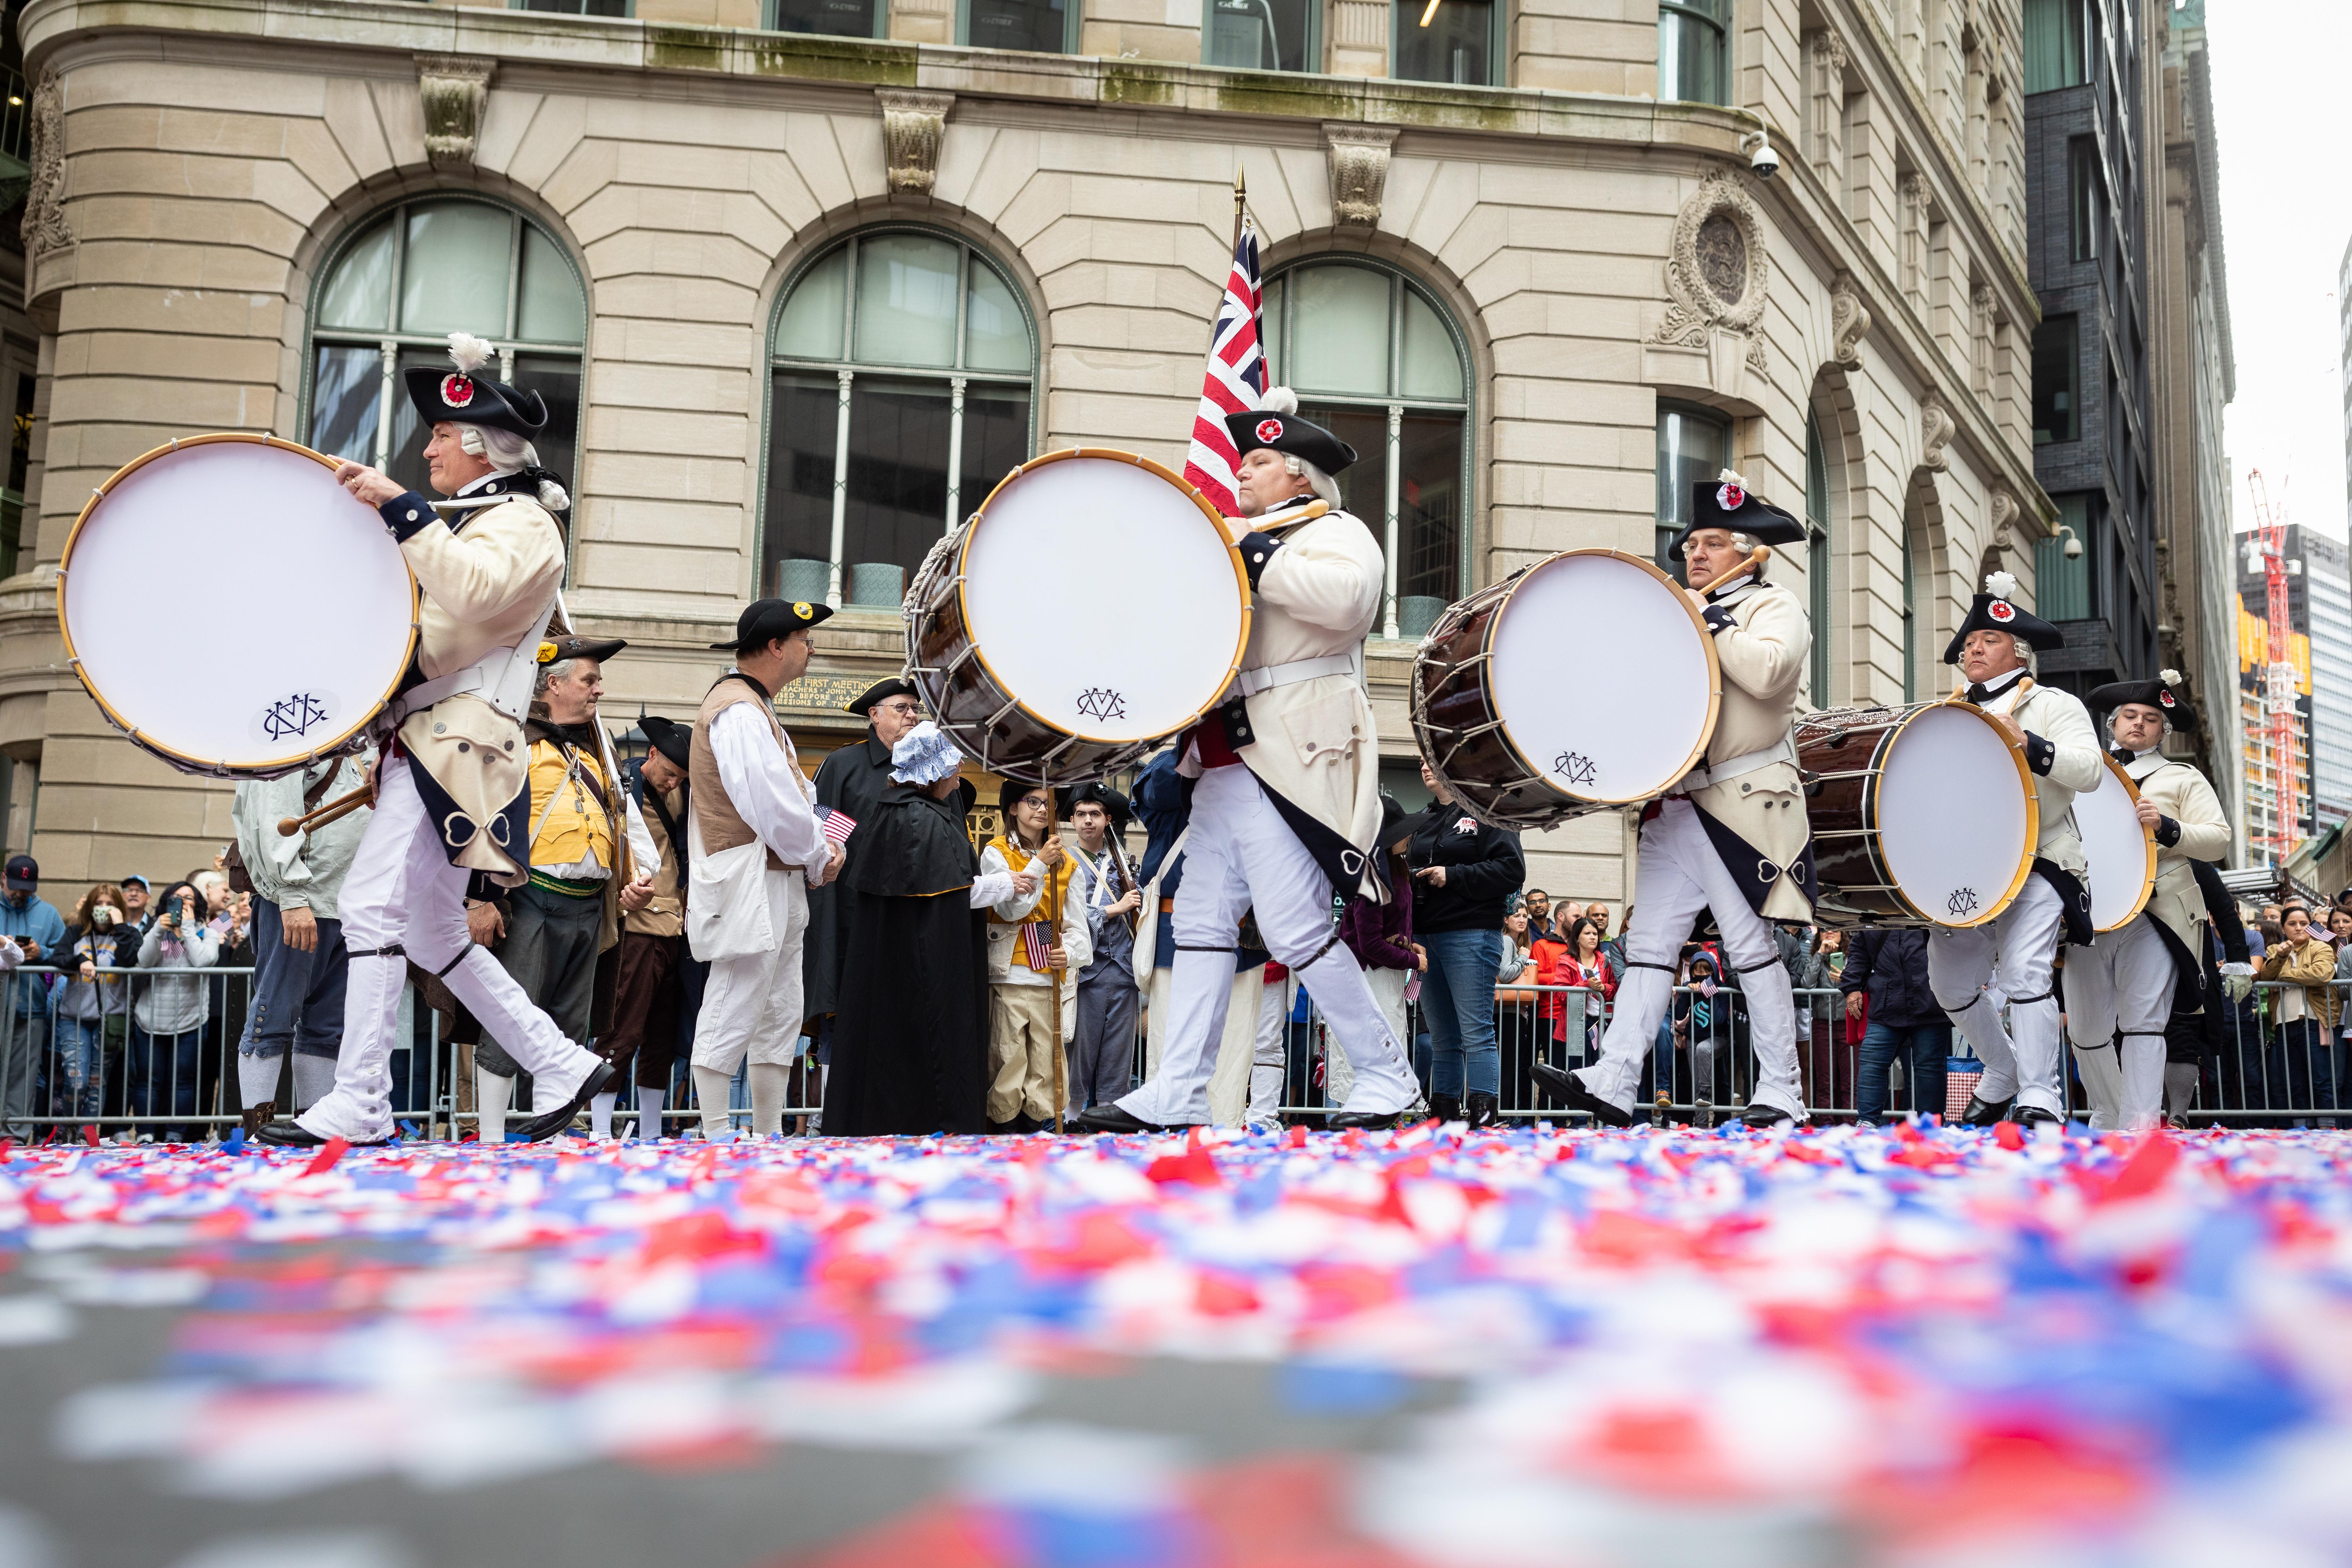 Anggota sukarelawan Middlesex County berbaris dengan drum di atas confetti merah, putih dan biru di dekat Old State House selama parade pada 4 Juli di Boston, MA.